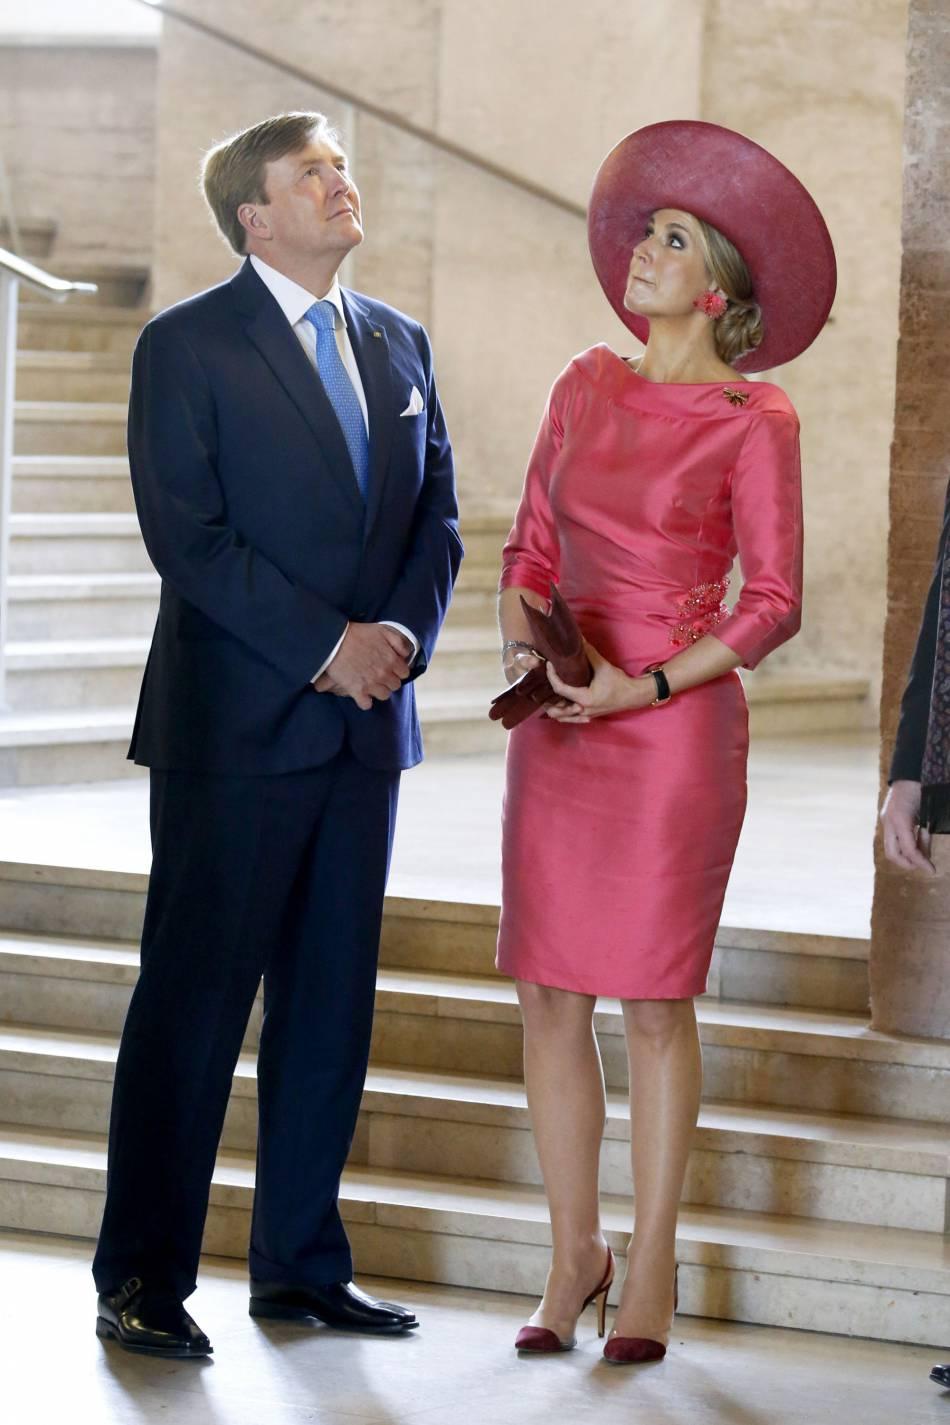 Maxima des Pays-Bas, la reine la plus stylée du monde. On adore son look rose explosif !